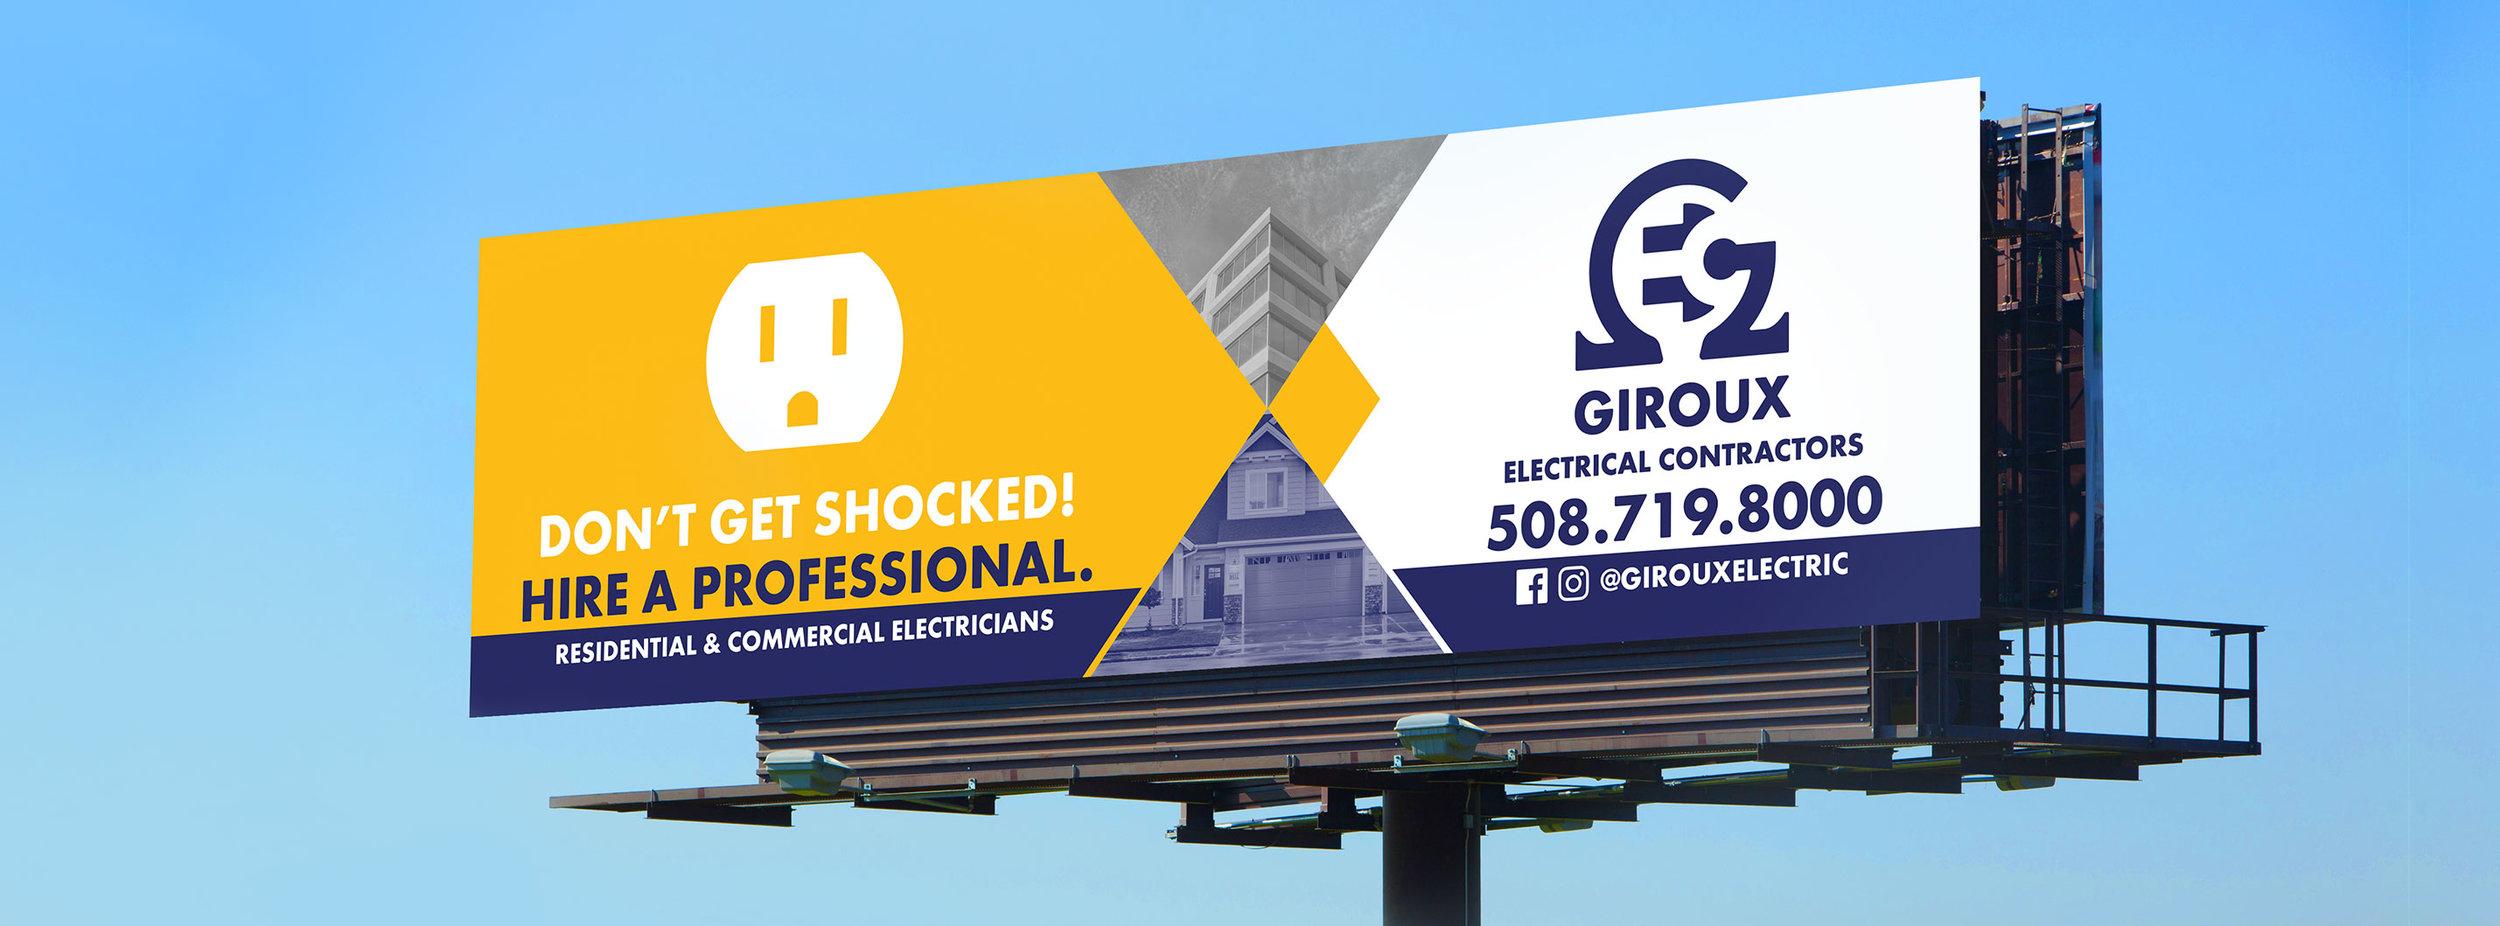 Studio-Eighty-Seven-Giroux-Electrical-Contractors_GEC-Billboard-Design.jpg